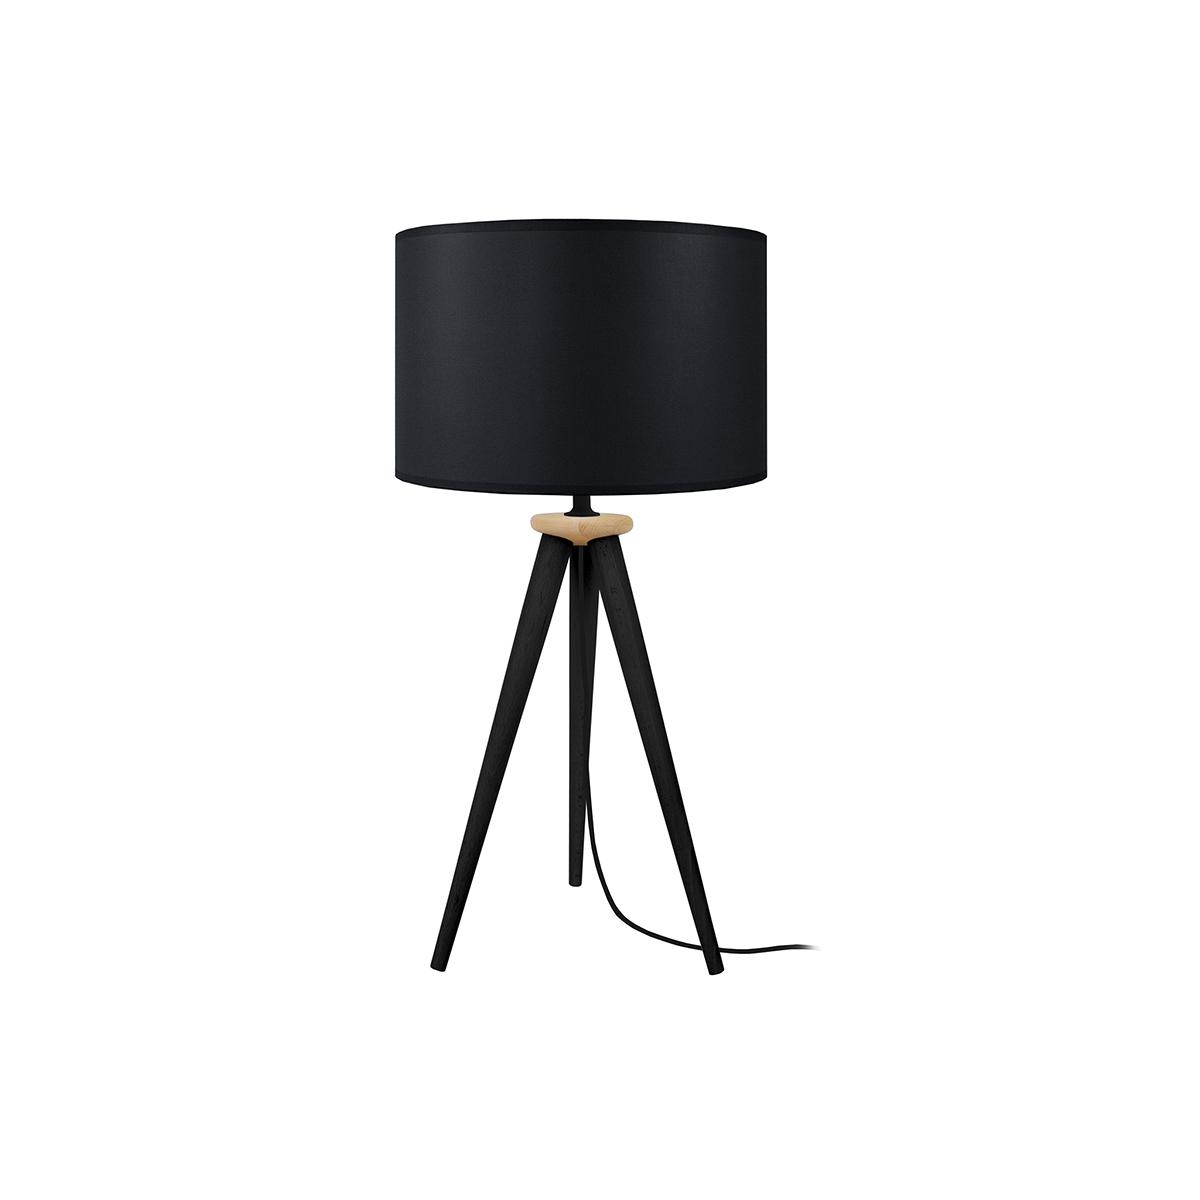 Lampada da tavolo design treppiede in legno Nero TRIPOD